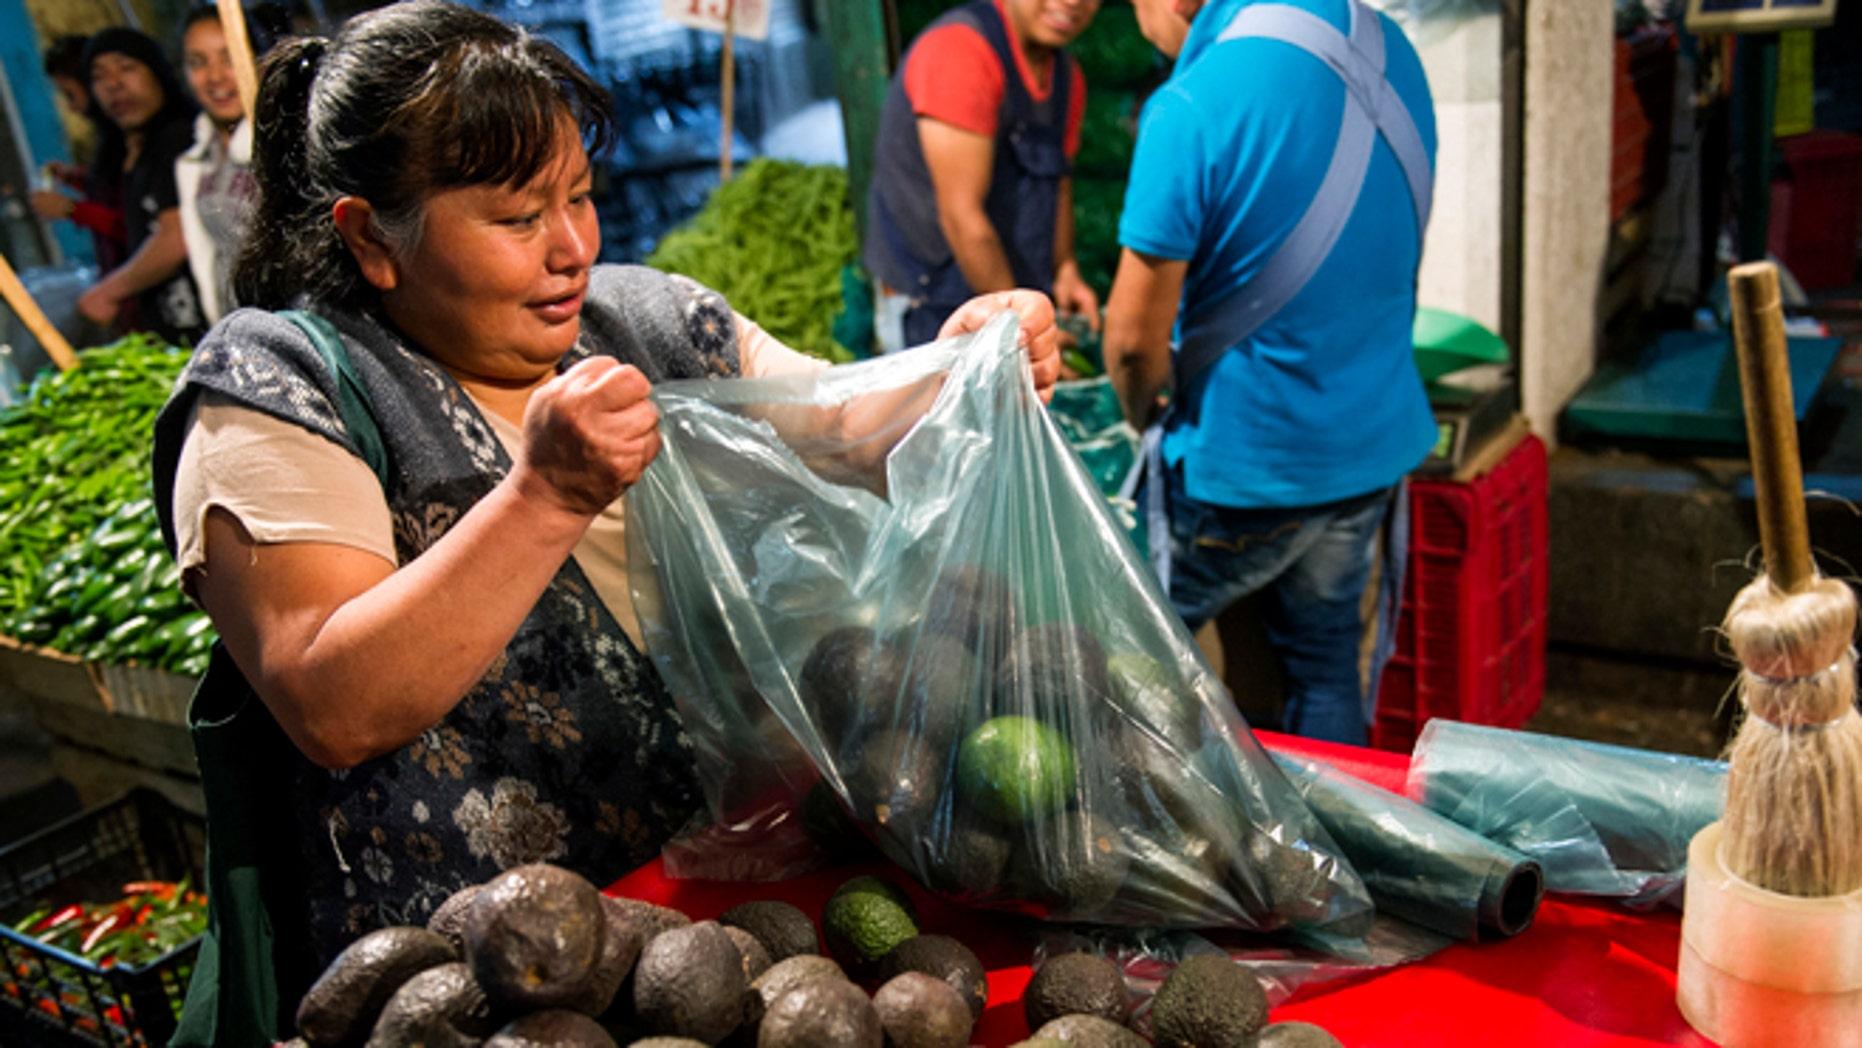 A woman prepares a bag of avocados in Mexico City, Tuesday, Aug. 9, 2016.